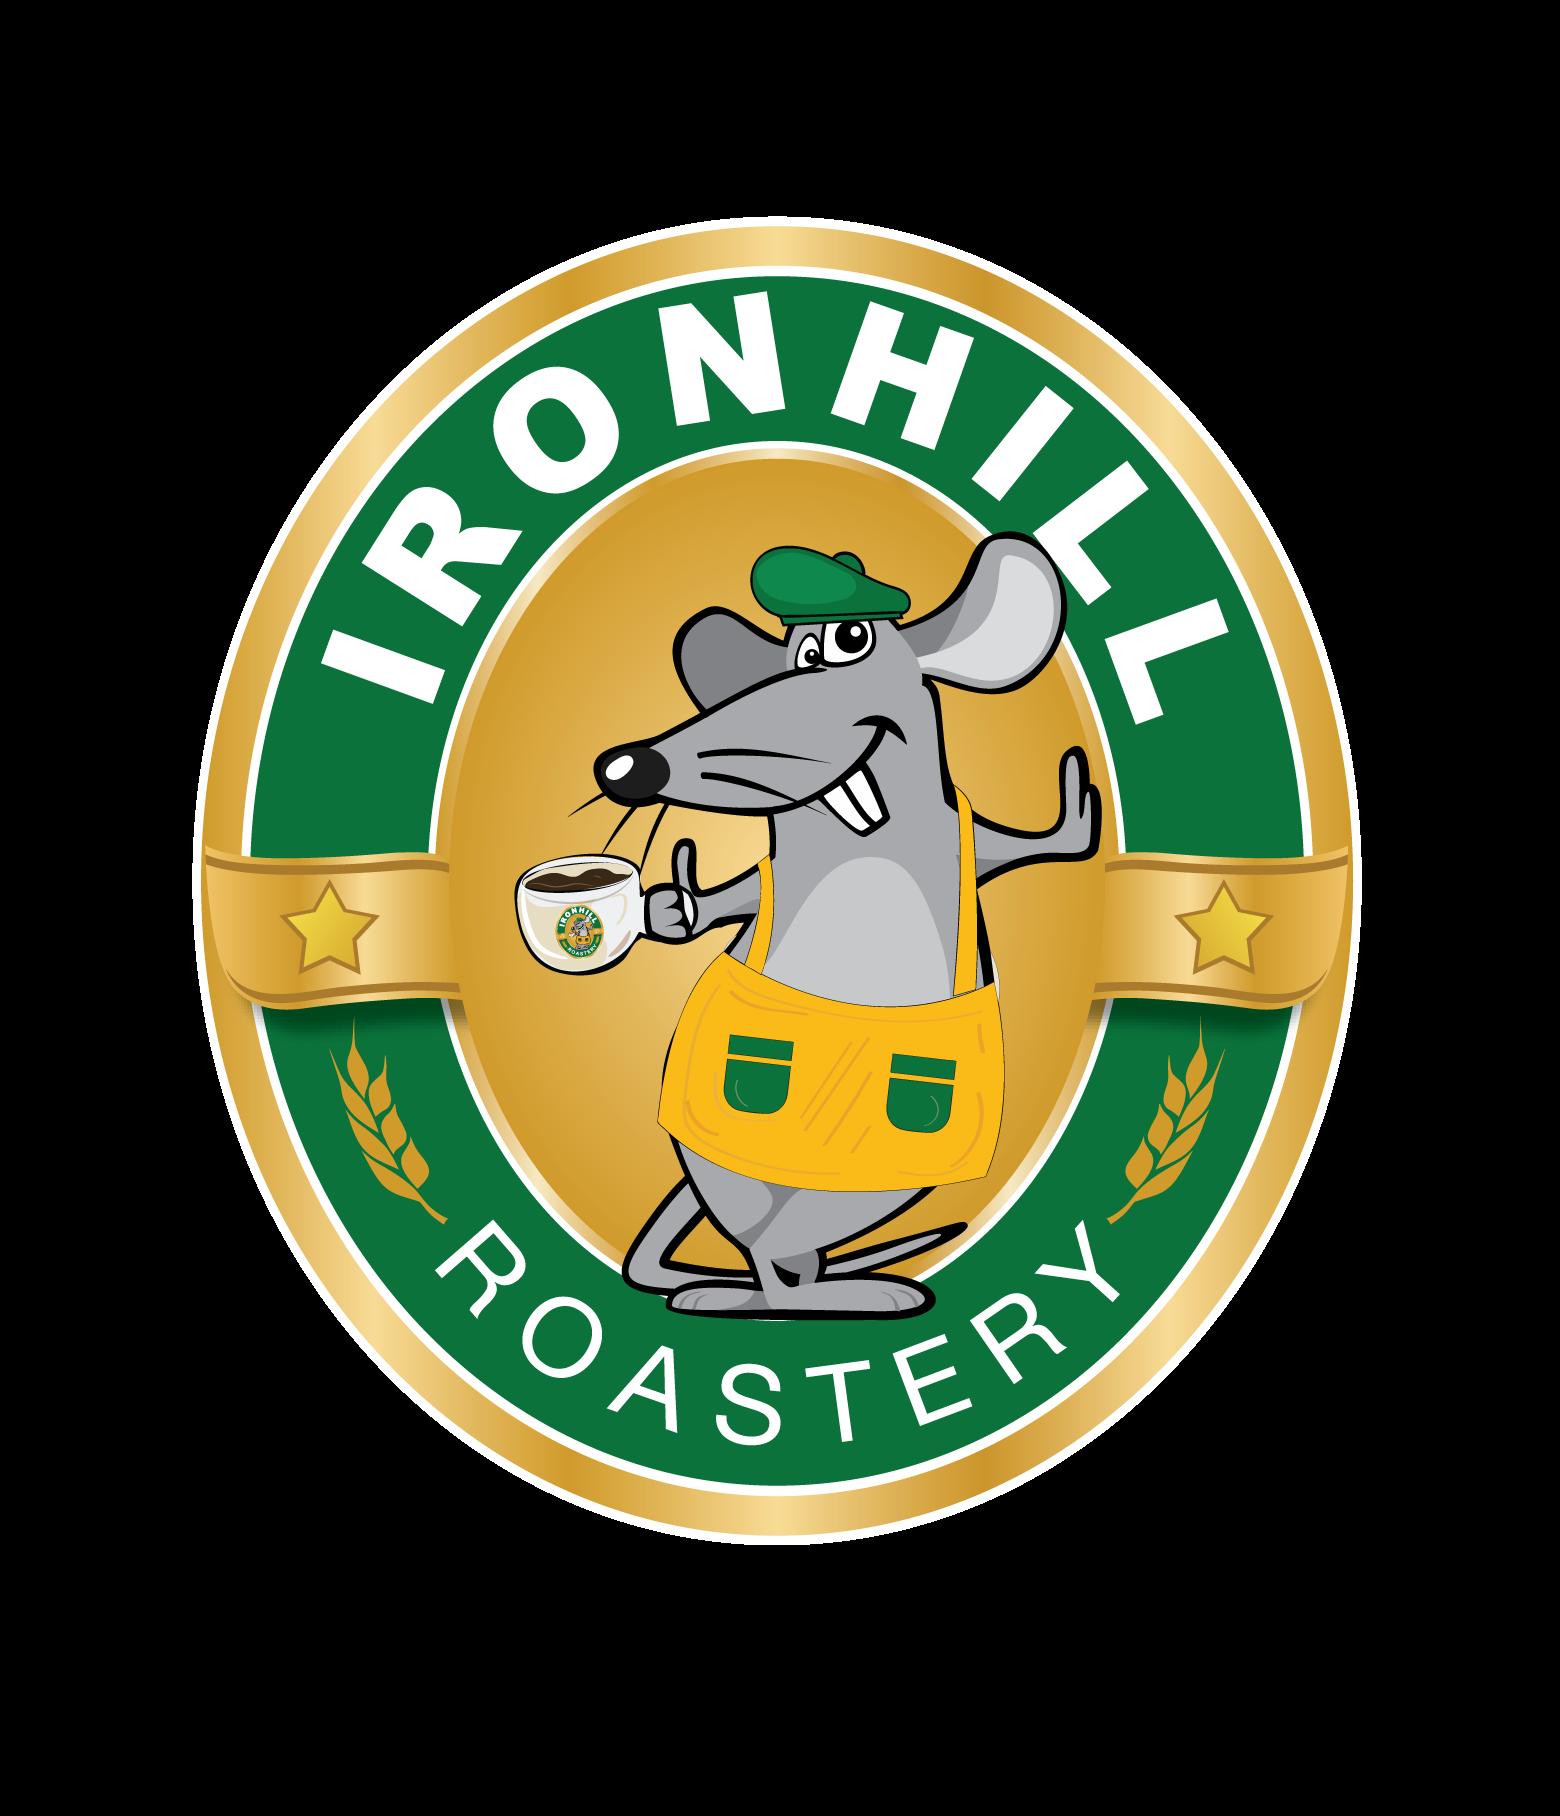 Ironhillcafe Logo